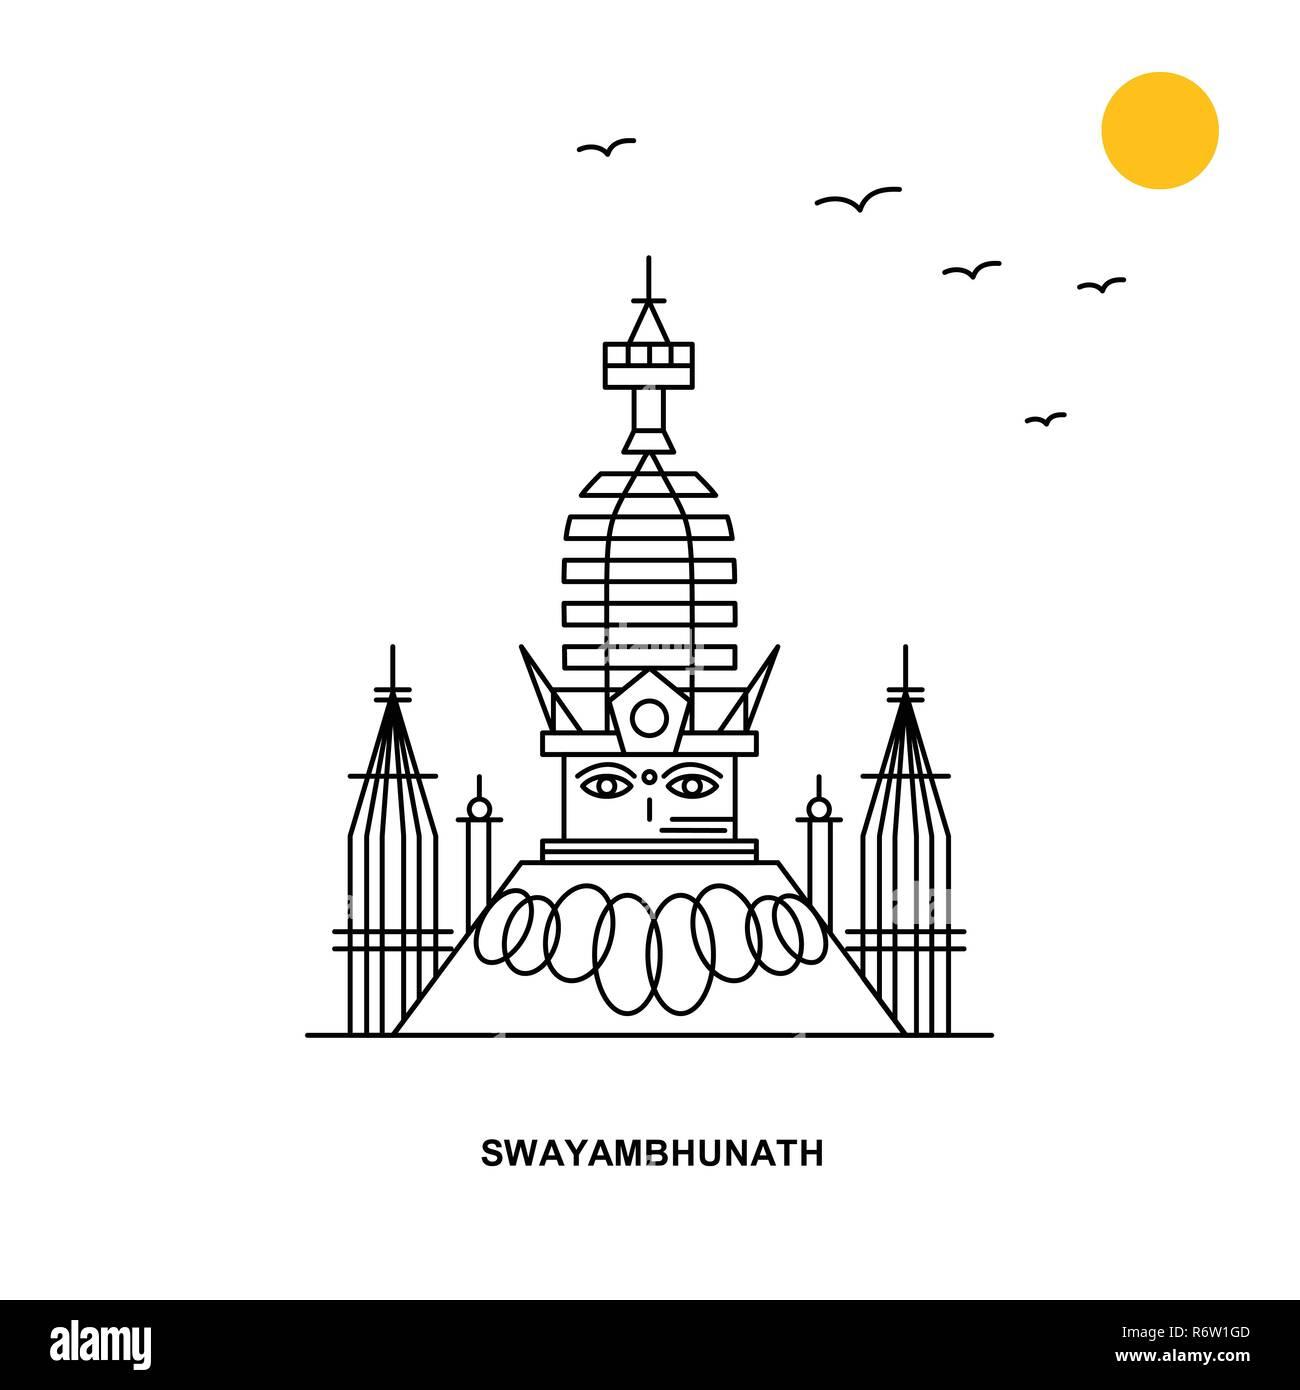 SWAYAMBHUNATH Monument. World Travel Natural illustration Background in Line Style - Stock Image